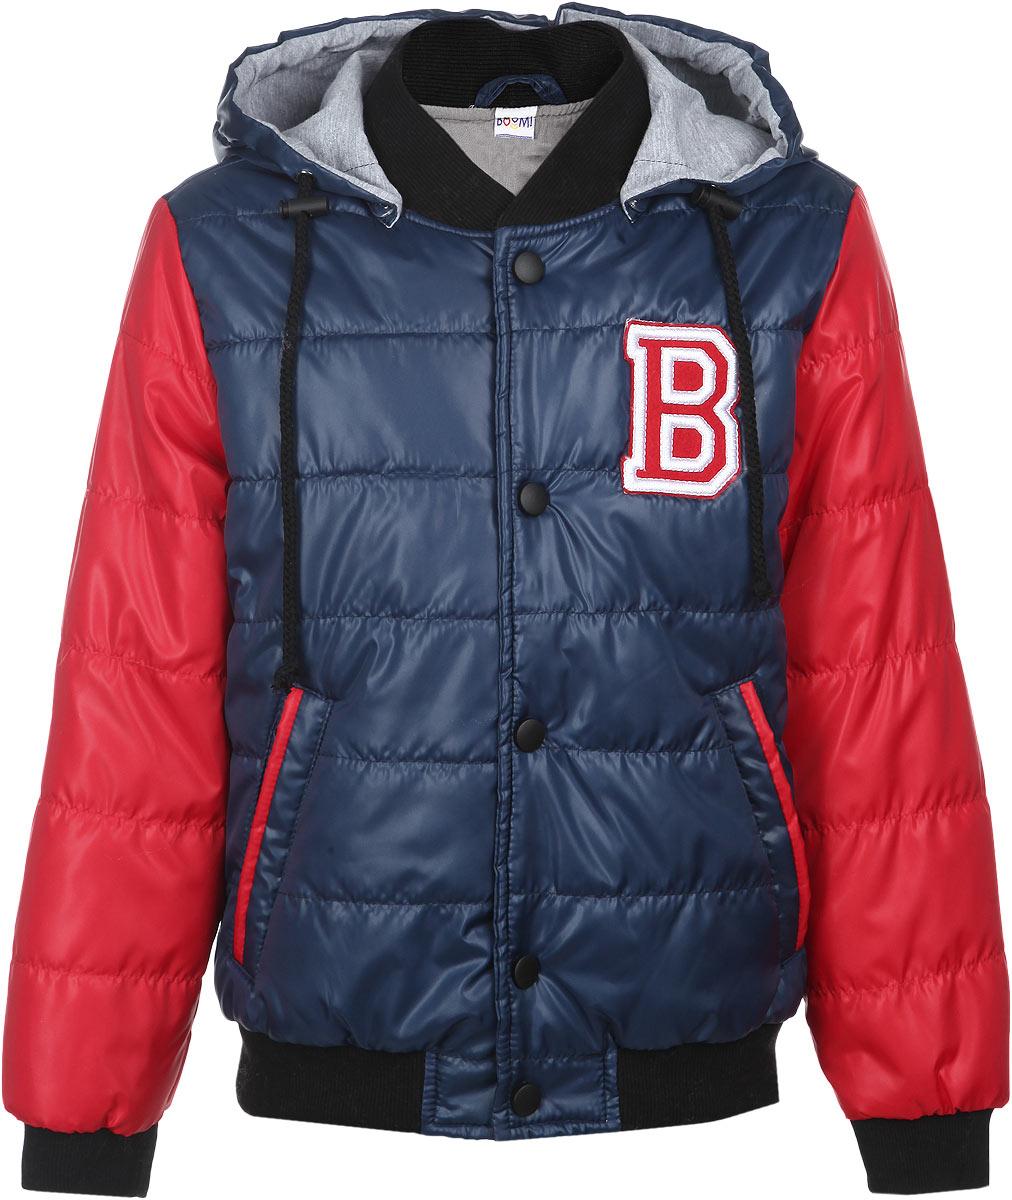 Куртка для мальчика. 6358463584_BOB_вар.1Стильная куртка для мальчика Boom! идеально подойдет вашему ребенку в прохладную погоду. Модель изготовлена из водонепроницаемой и ветрозащитной ткани, на подкладке из полиэстера с добавлением вискозы. В качестве утеплителя используется 100% полиэстер, благодаря чему она необычайно мягкая и приятная на ощупь, не сковывает движения и позволяет коже дышать, не раздражает даже самую нежную и чувствительную кожу ребенка, обеспечивая ему наибольший комфорт. Куртка с капюшоном застегивается на пластиковую застежку-молнию и дополнительно сверху на кнопки. Капюшон пристегивается с помощью пуговиц и по краю дополнен шнурочком со стопперами. Вырез горловины дополнен трикотажной эластичной резинкой. Рукава имеют широкие эластичные манжеты. Спереди предусмотрены два прорезных кармашка. Понизу проходит широкая трикотажная резинка. Оформлена куртка крупной нашивкой в виде логотипа бренда. Отделка рукавов придает эффект 2 в 1. На изделии предусмотрены светоотражающие элементы для...